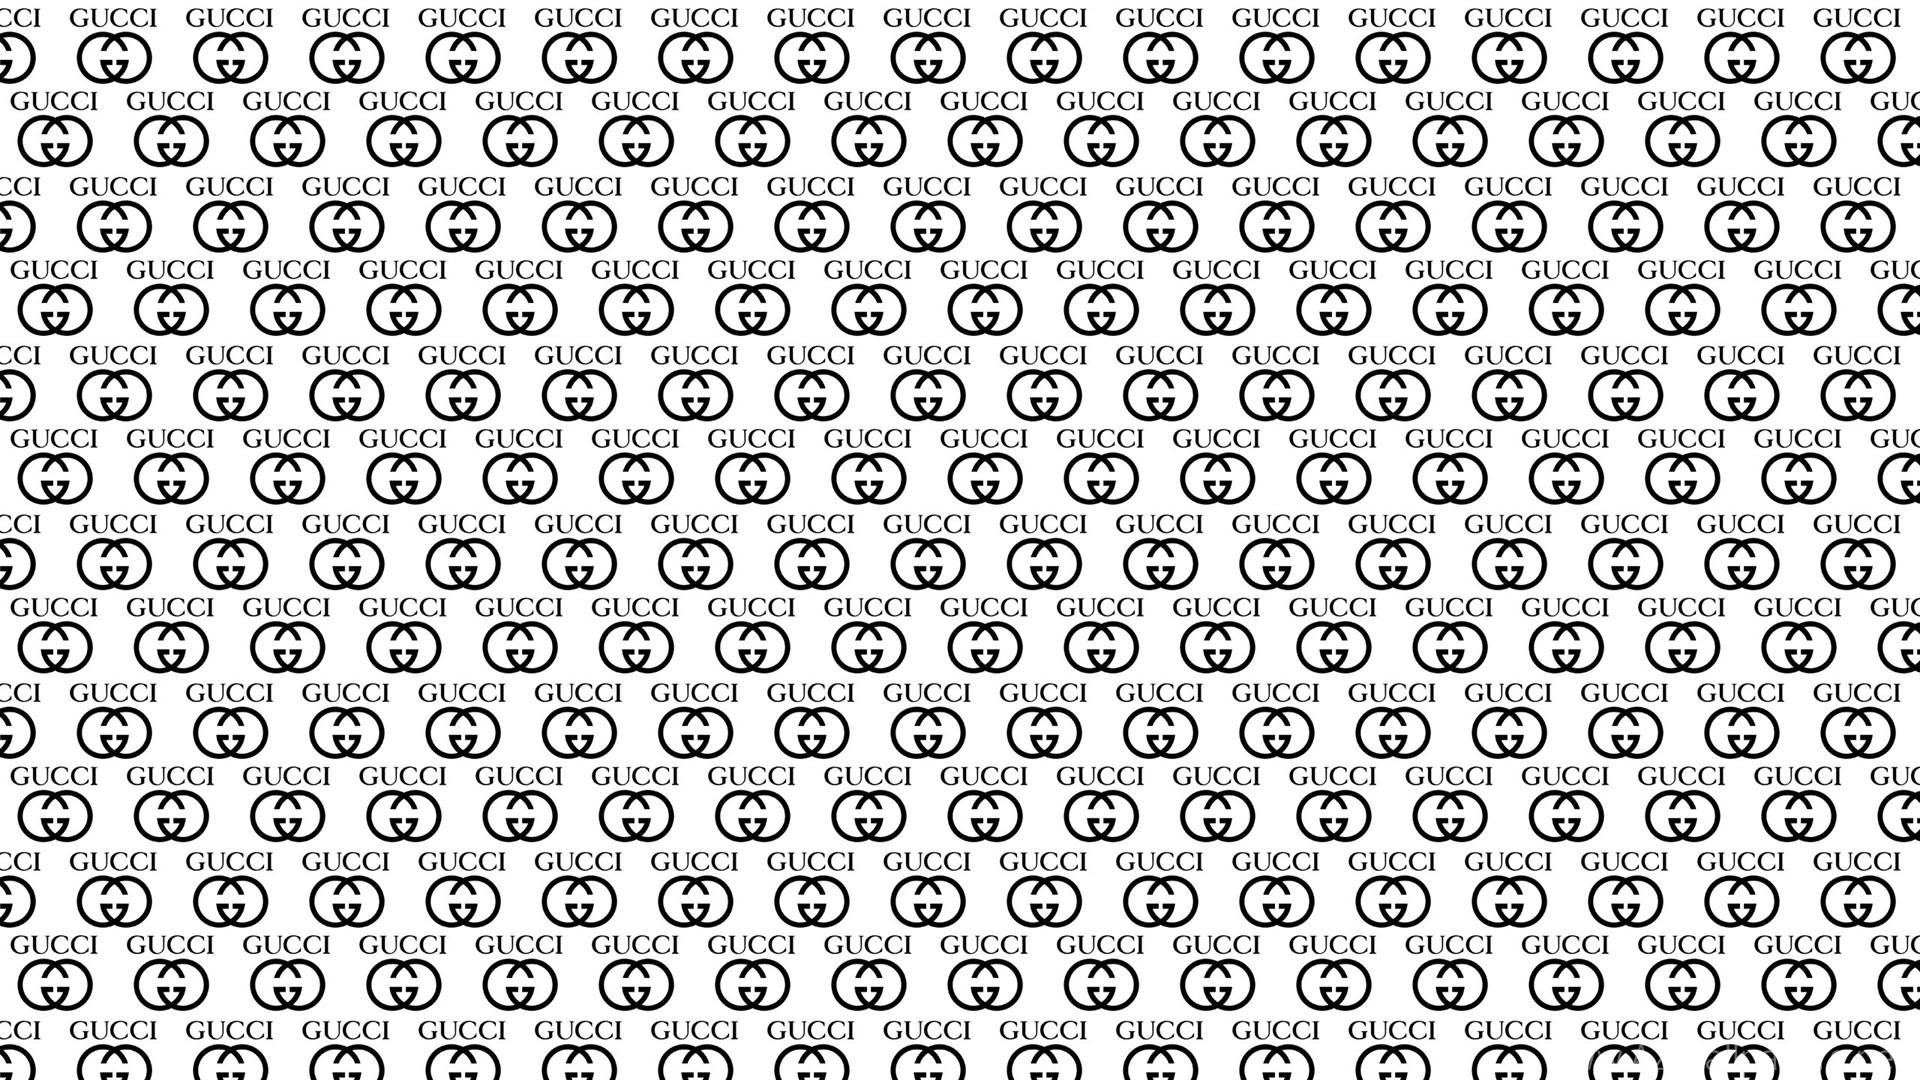 Gucci Logo Wallpaper (63+ images)